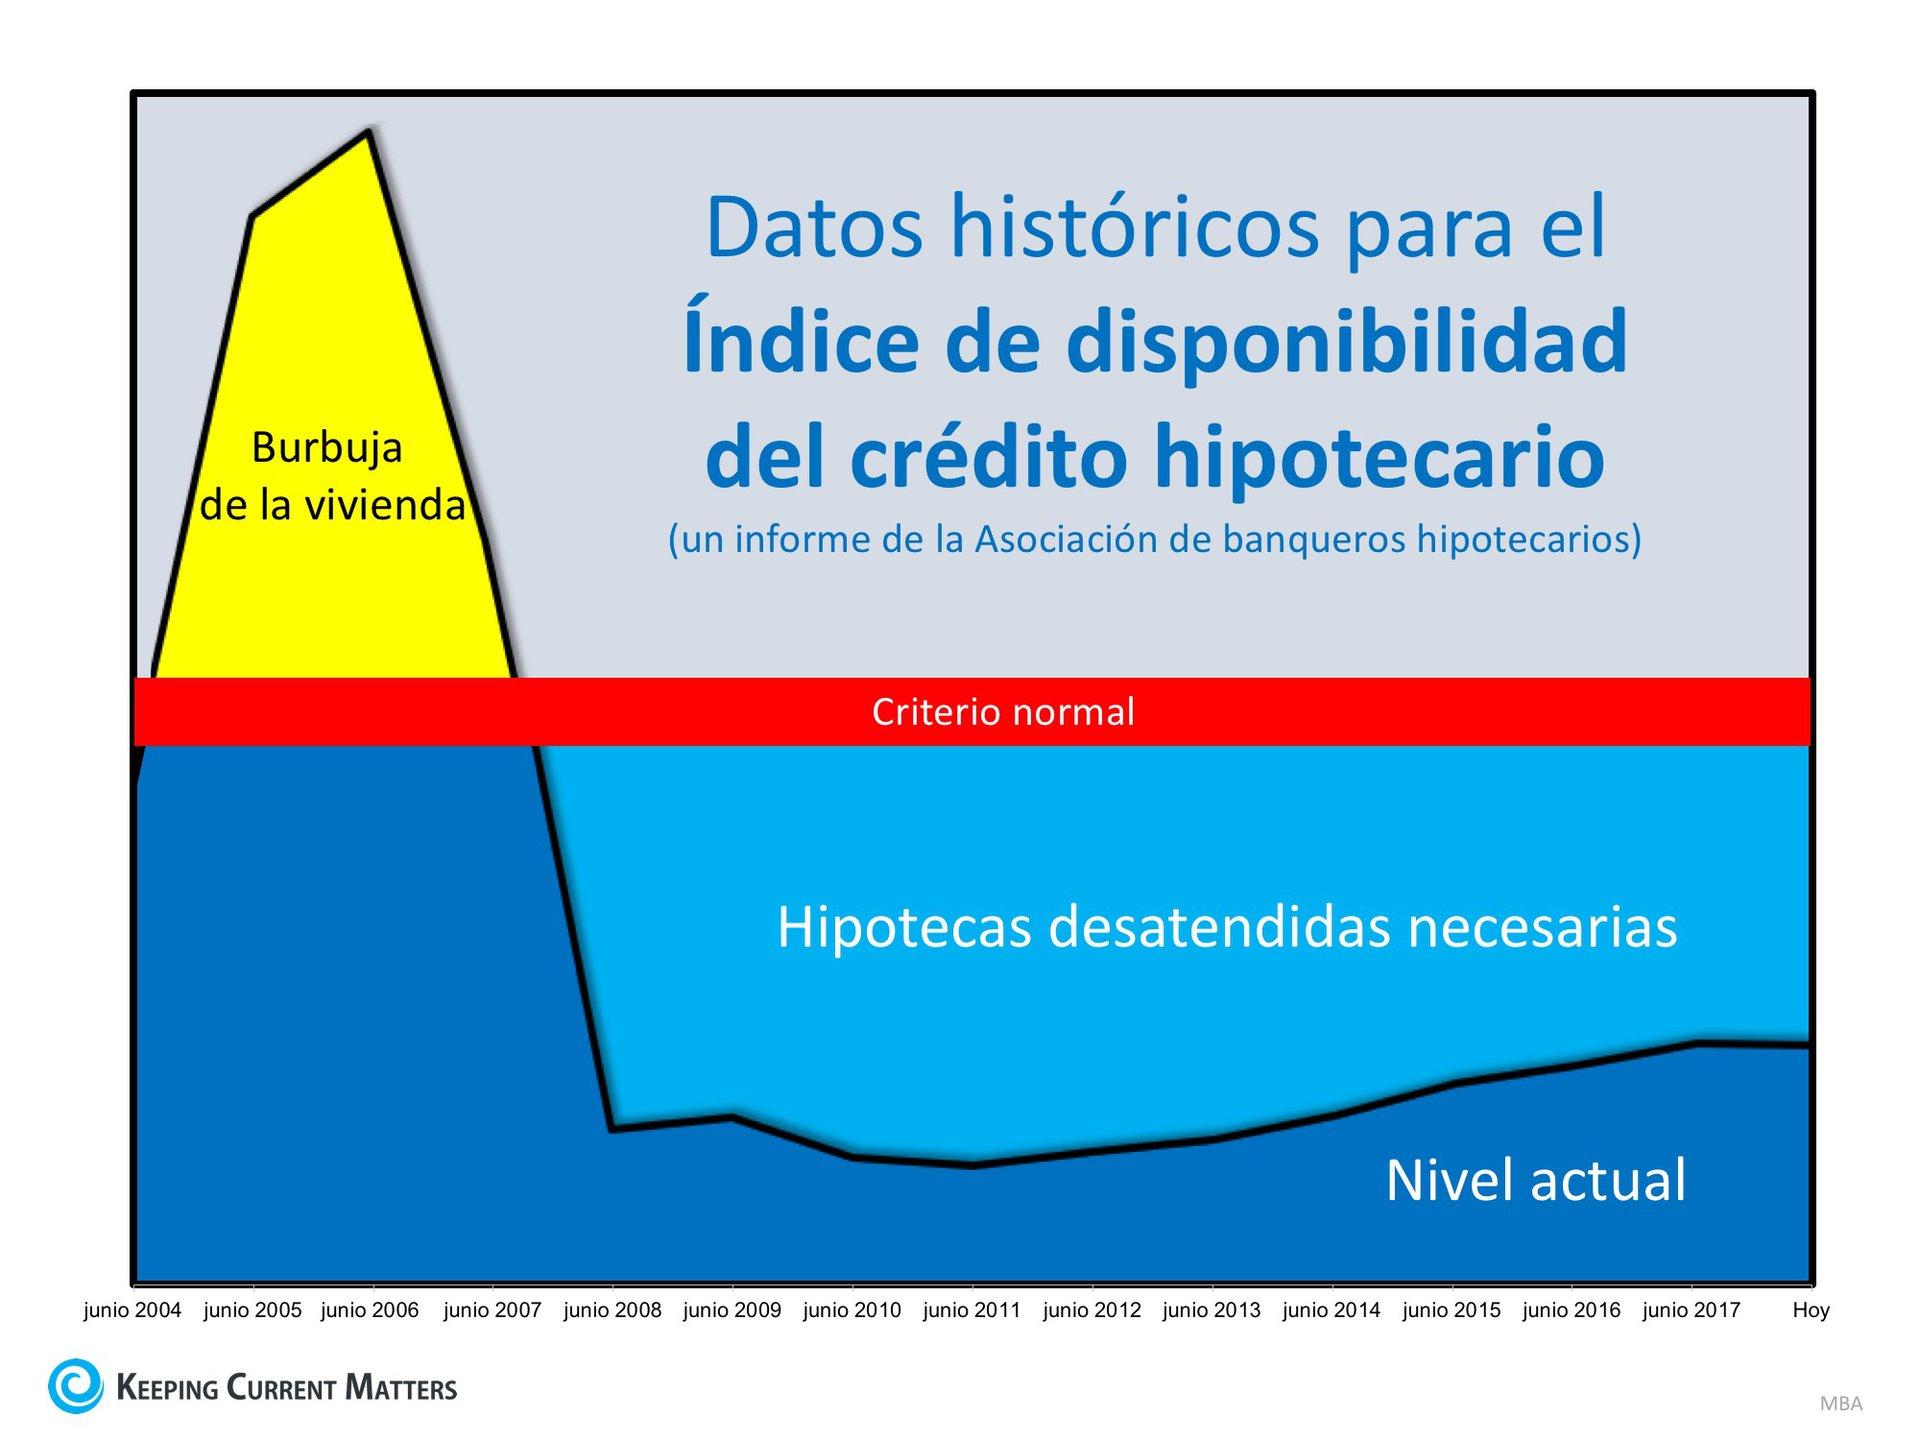 ¿Están los criterios de concesión de préstamos muy flexibles… o muy estrictos? | Keeping Current Matters